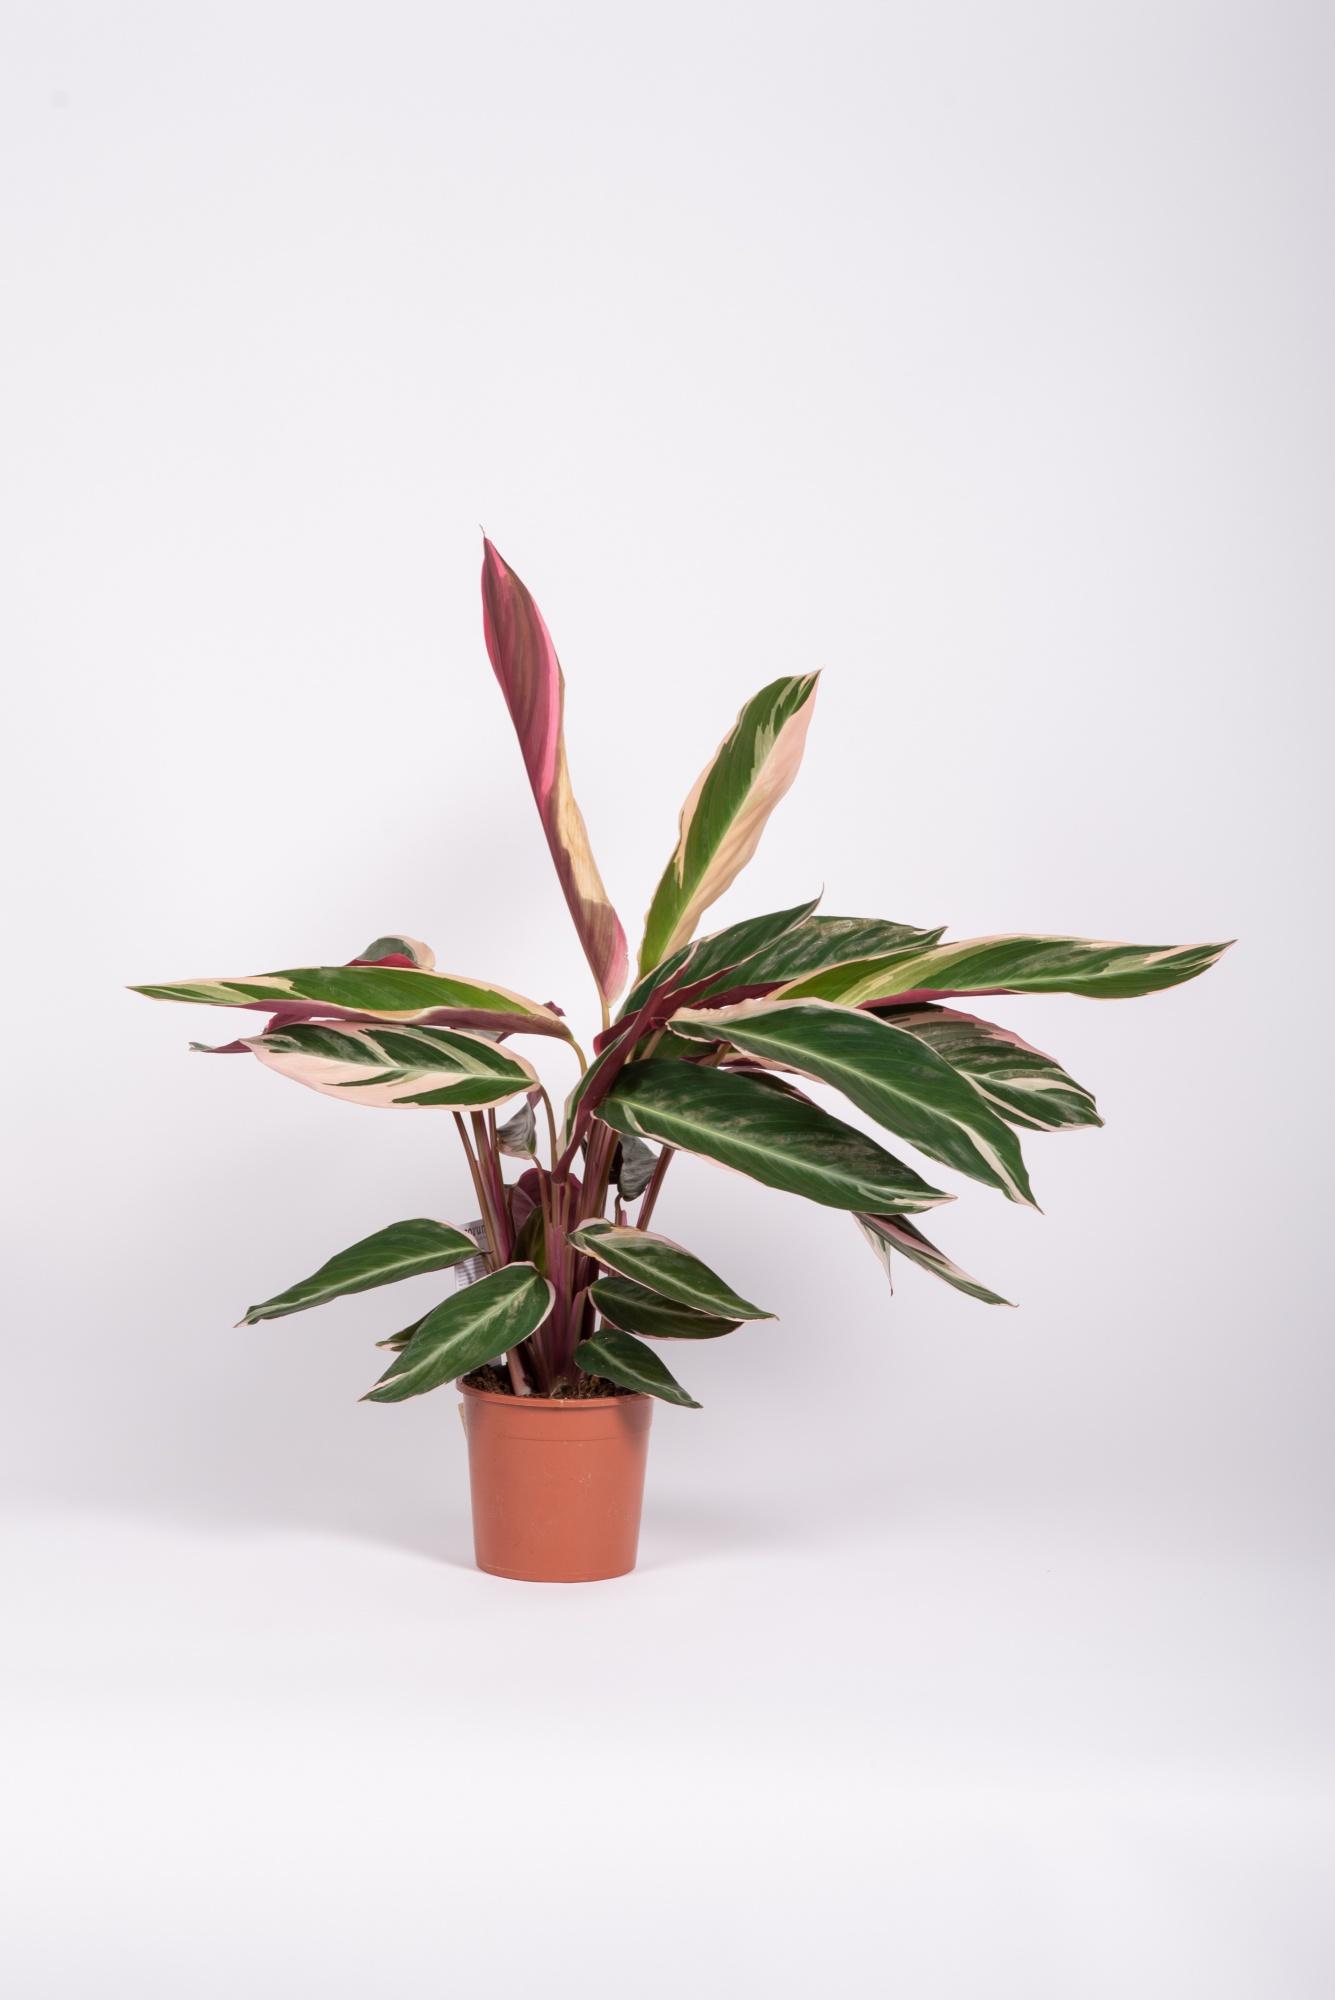 Stromanthe Triostar 40/60cm x D14